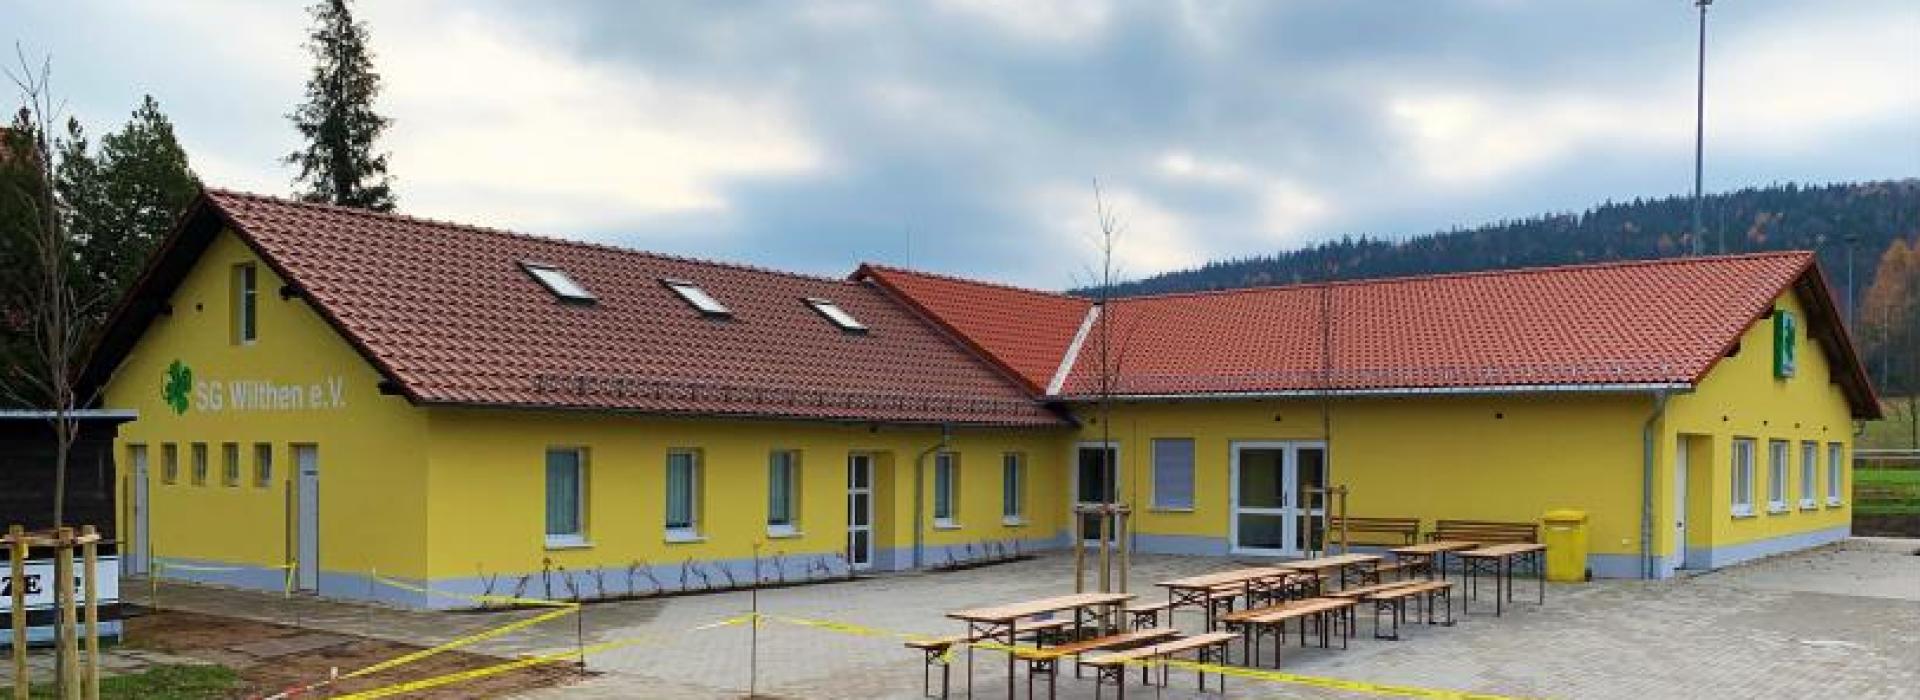 Unser neues Vereinsheim